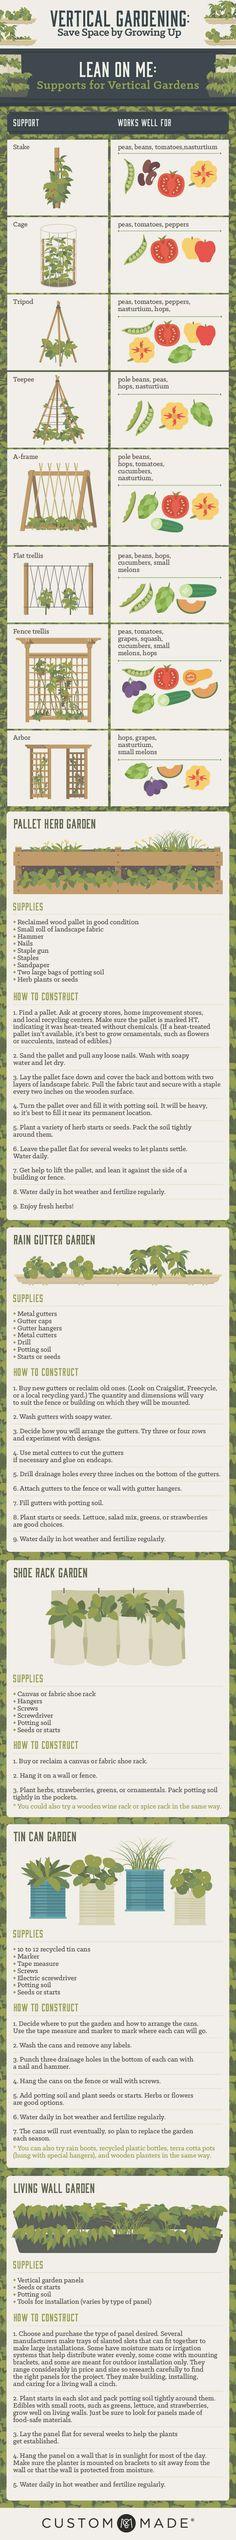 Verticaal tuinieren